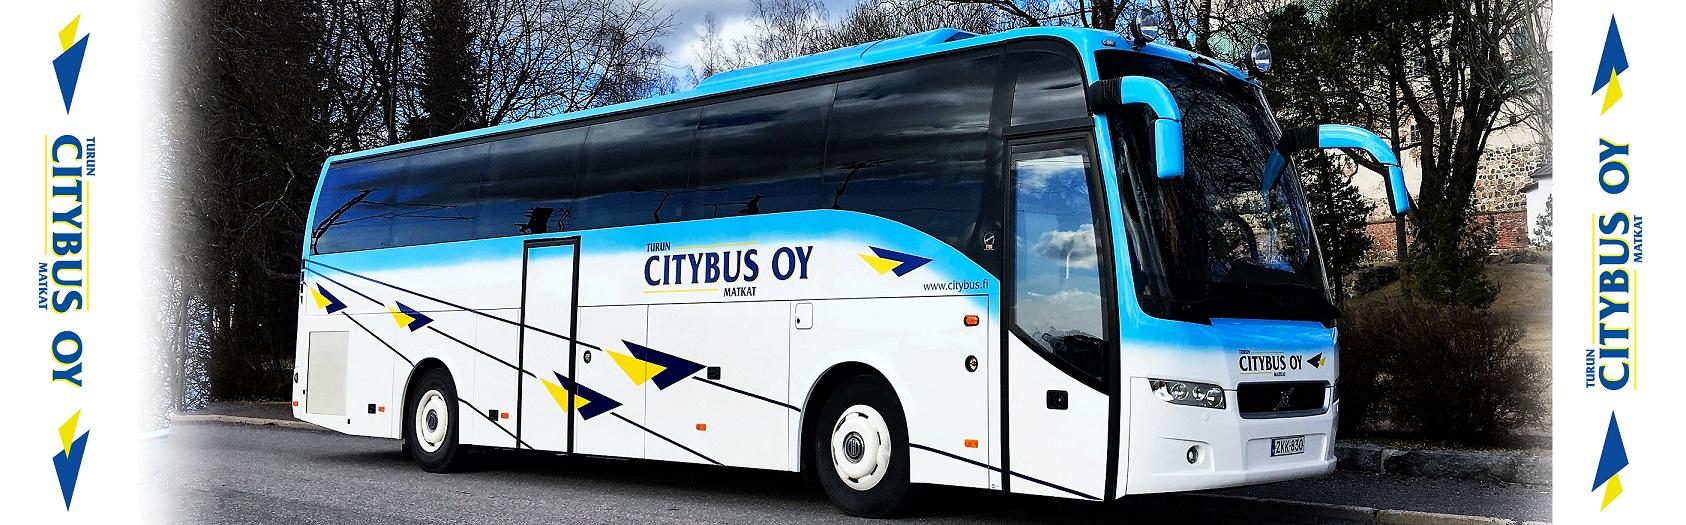 Kuvassa on Turun Citybus Oy:n bussi. Avaa kuva isompana.